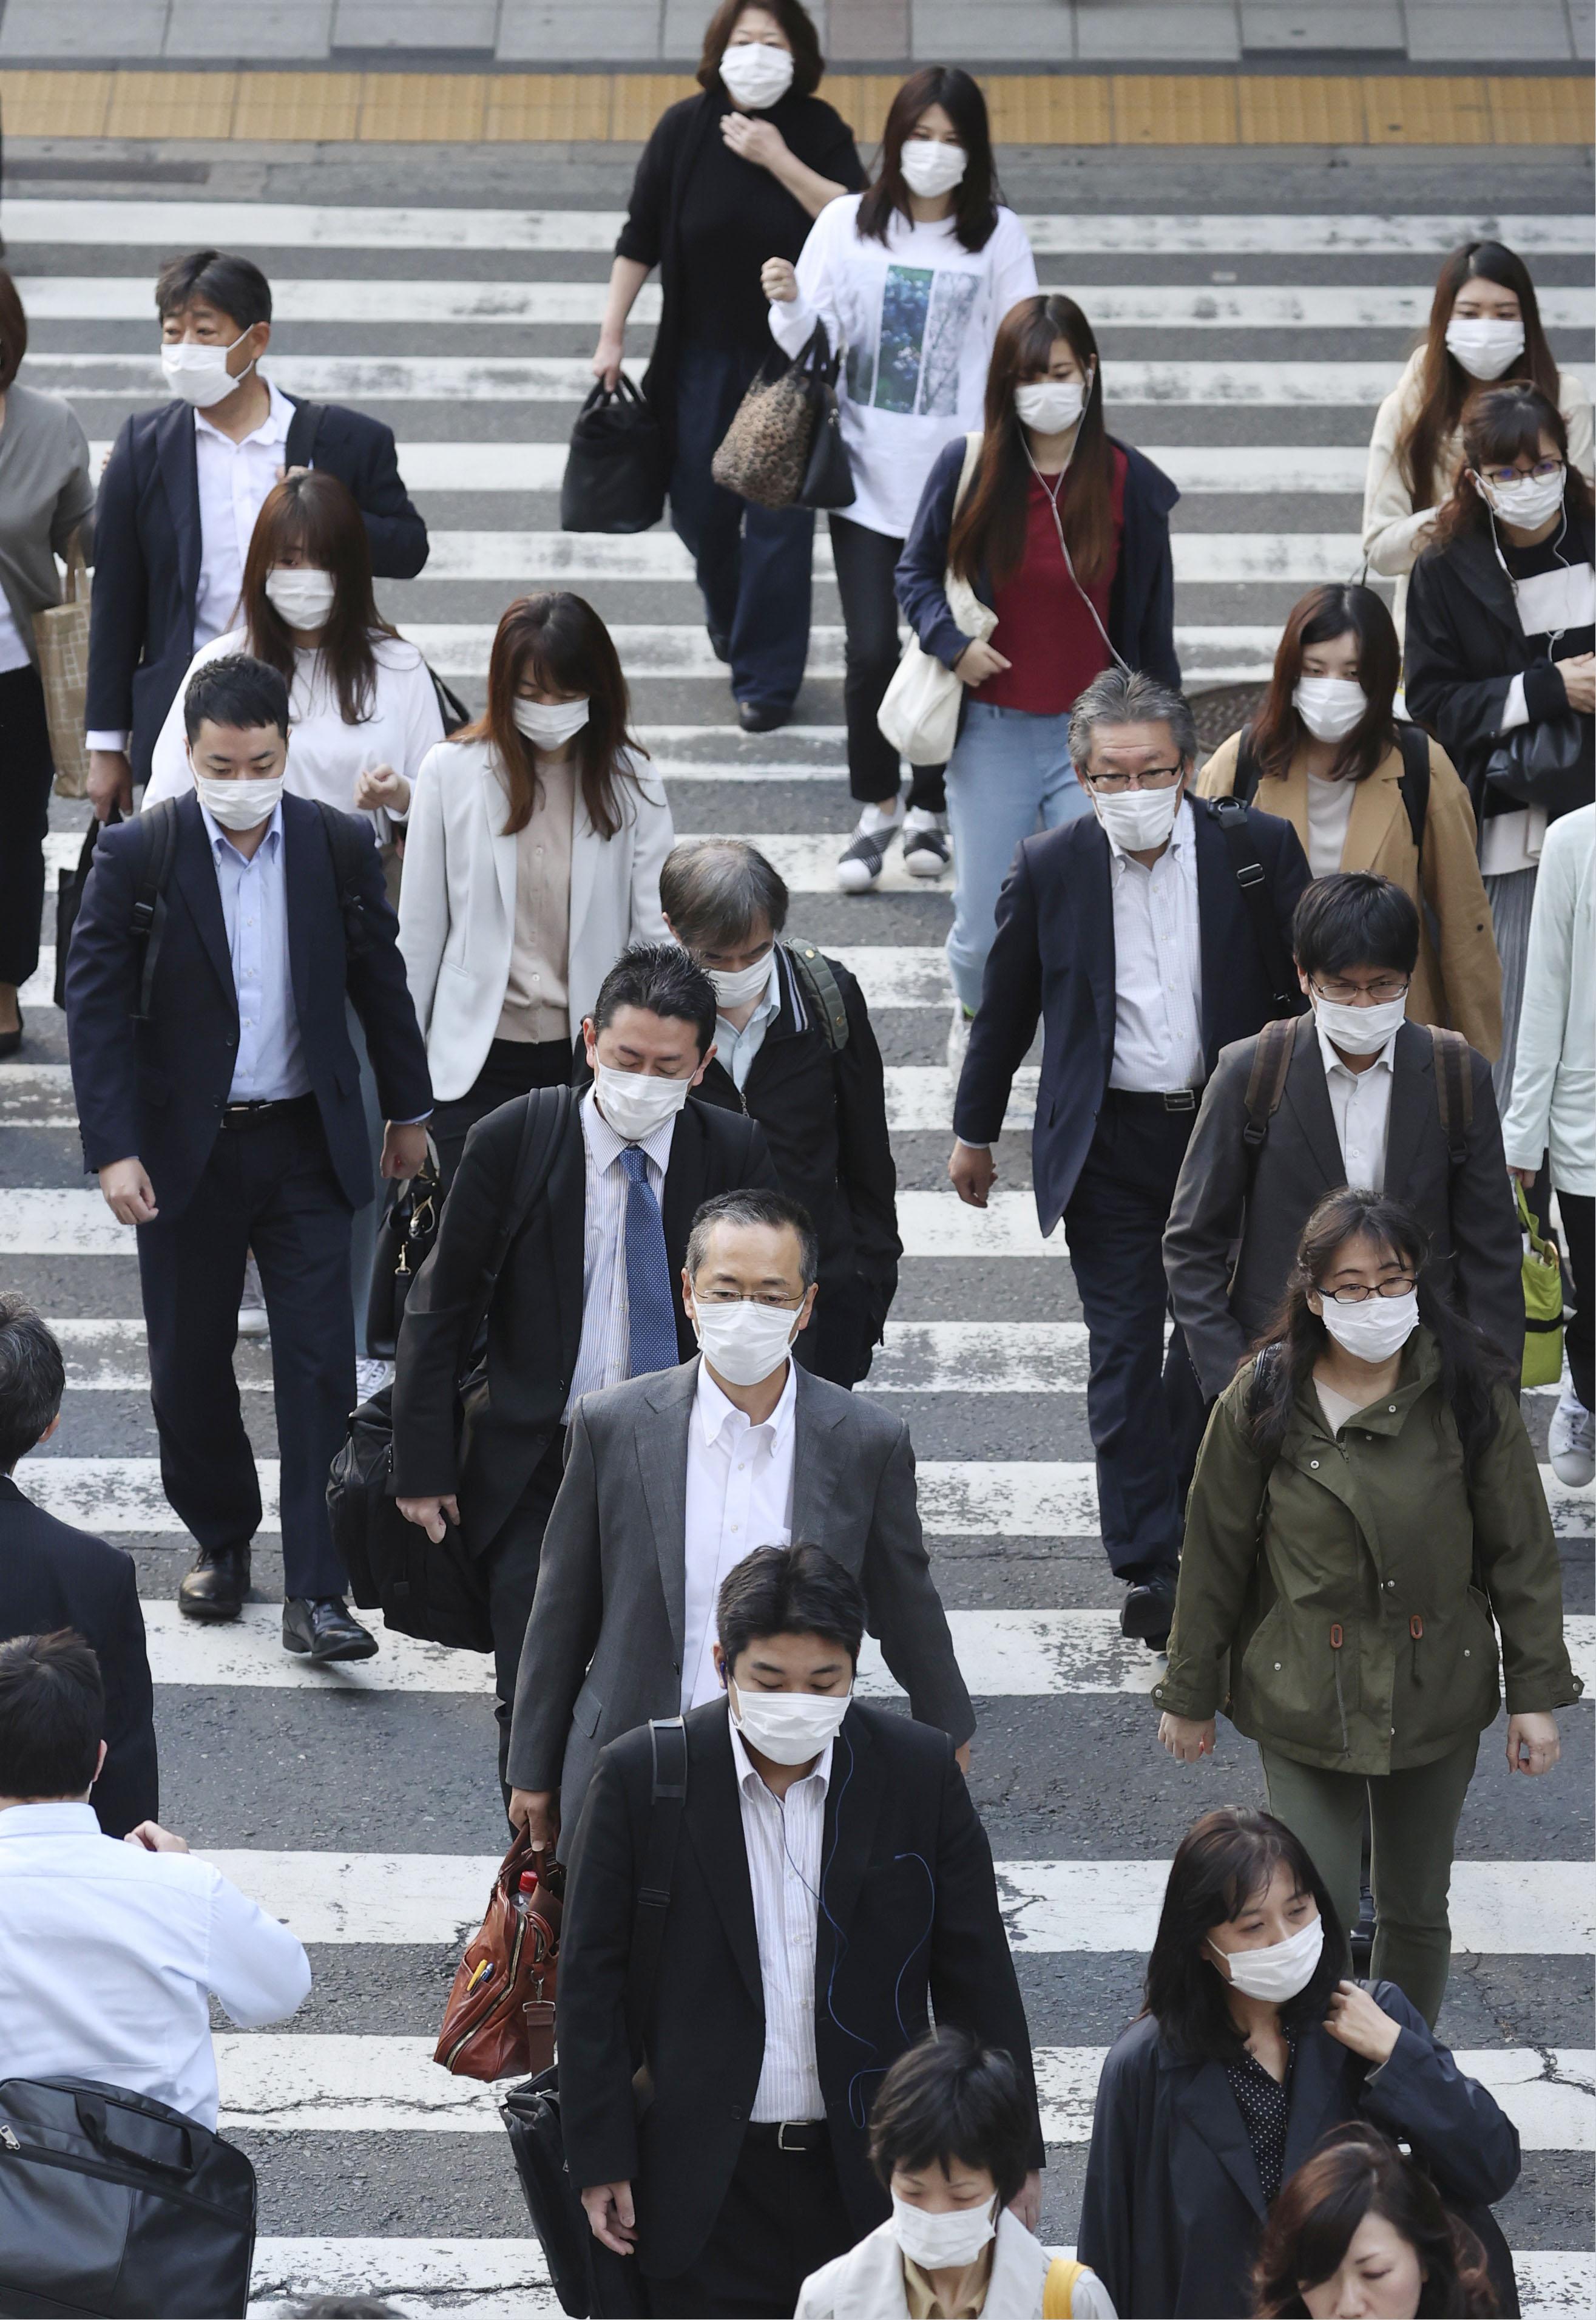 マスク姿で通勤する人たち=7日午前、大阪・梅田